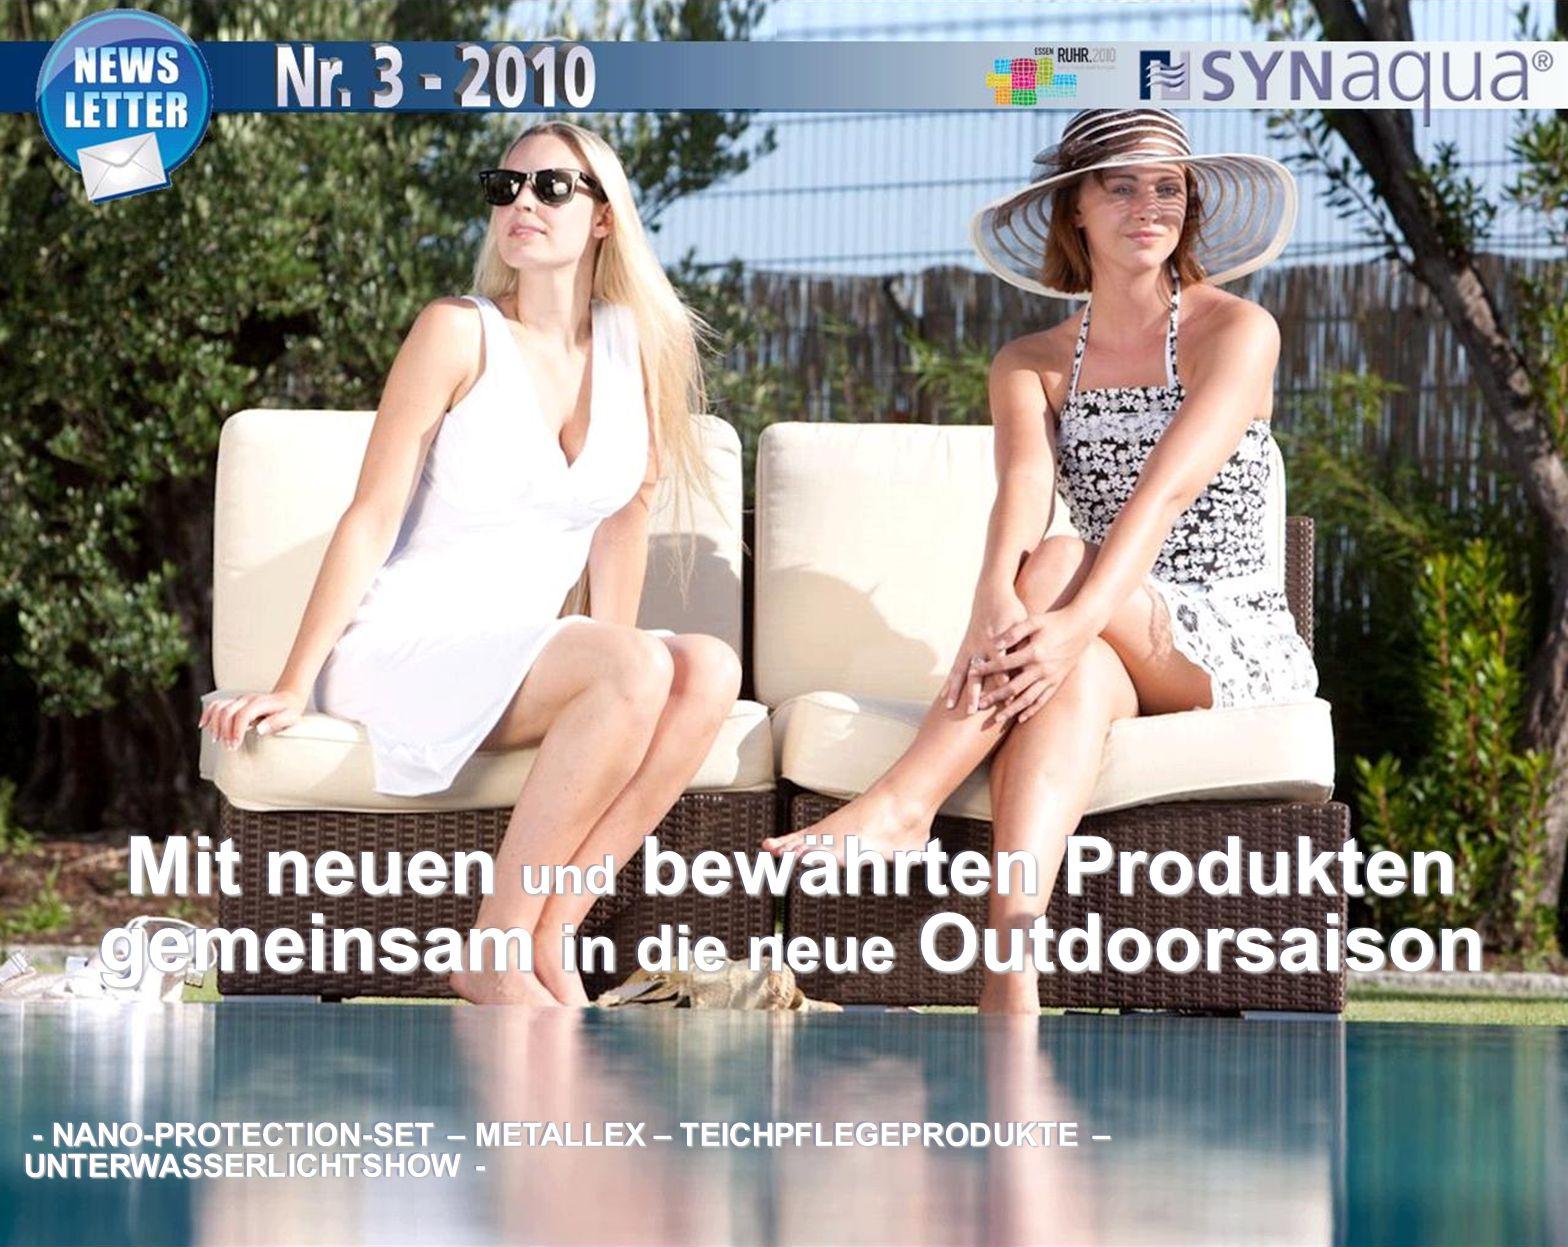 Mit neuen und bewährten Produkten gemeinsam in die neue Outdoorsaison - NANO-PROTECTION-SET – METALLEX – TEICHPFLEGEPRODUKTE – UNTERWASSERLICHTSHOW - - NANO-PROTECTION-SET – METALLEX – TEICHPFLEGEPRODUKTE – UNTERWASSERLICHTSHOW -